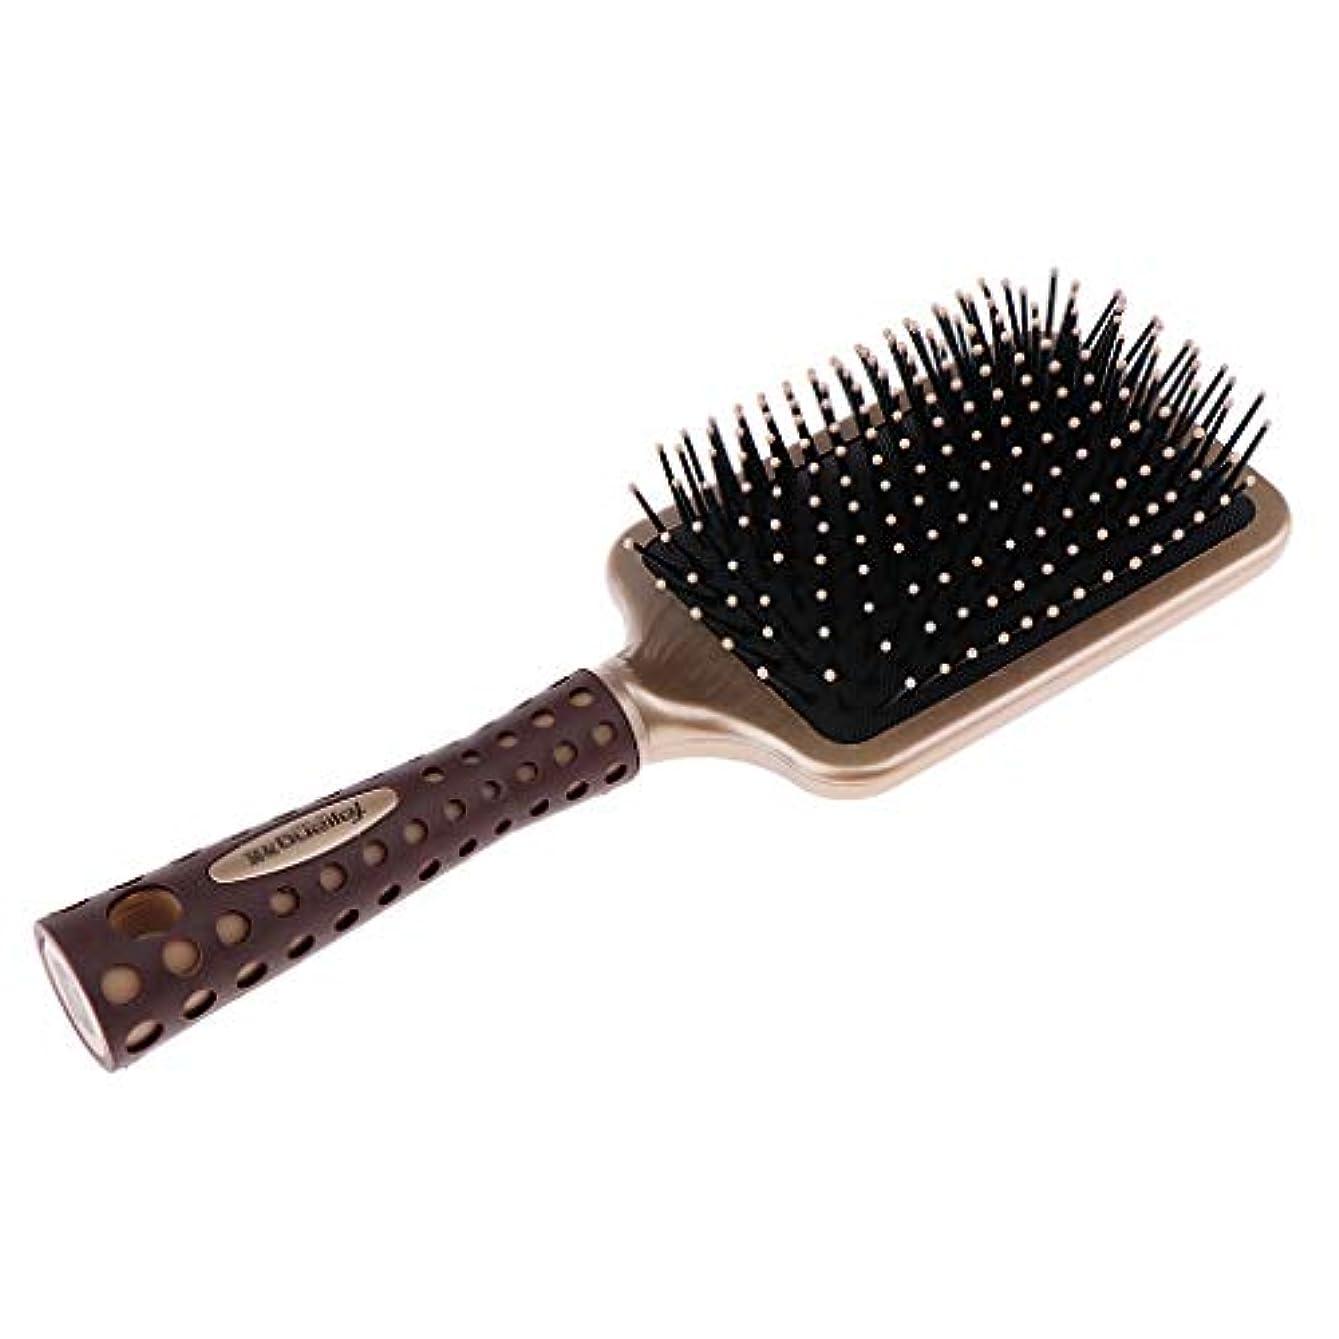 実行するスラダム期待するB Baosity 静電防止櫛 クッションヘアブラシ 頭皮マッサージ プロ ヘアーサロン 美容師 2サイズ選べ - L